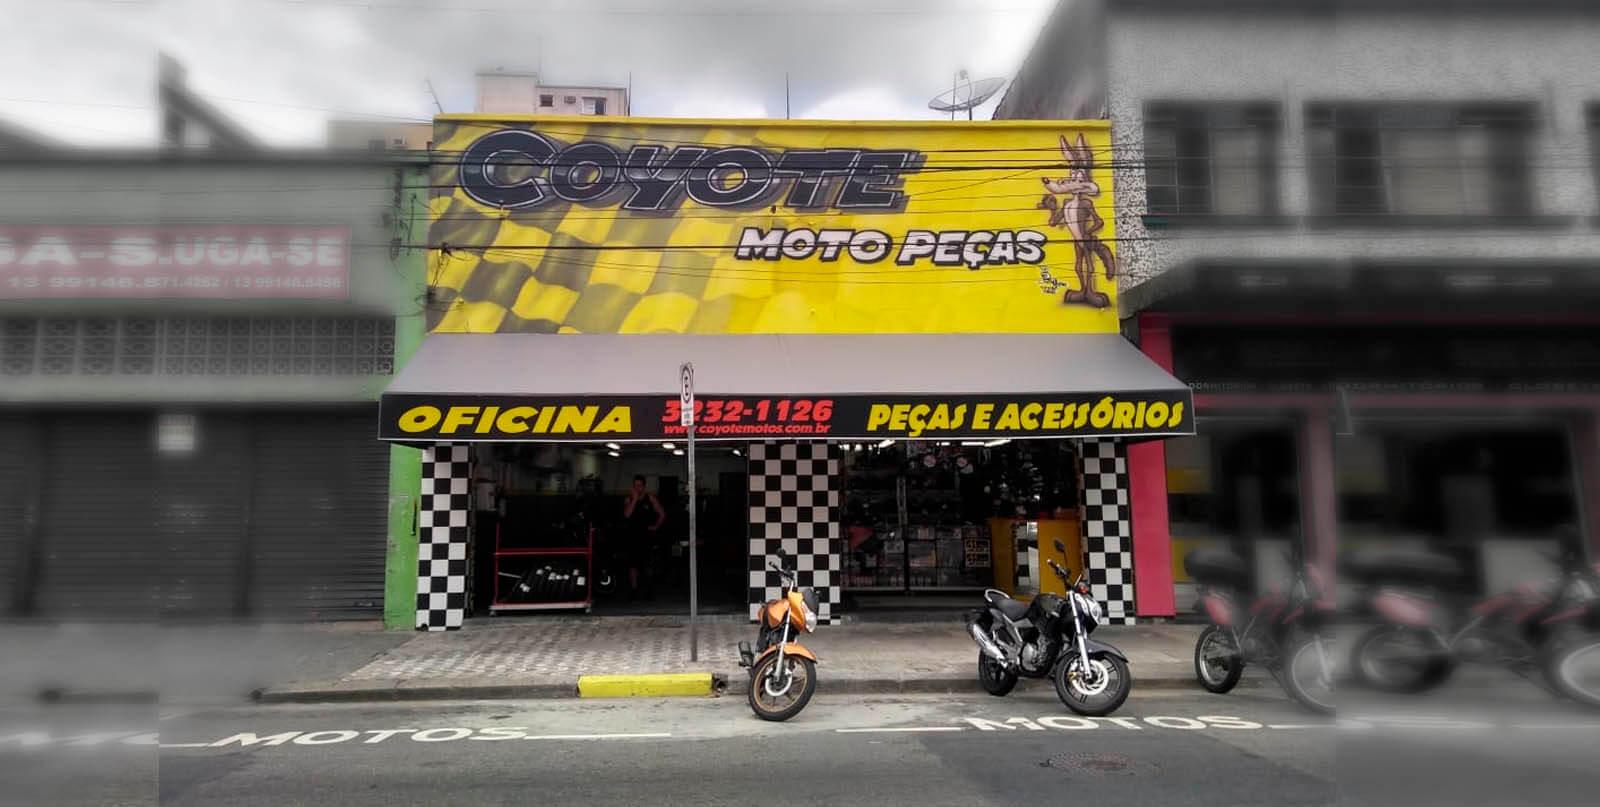 Coyote-Moto-Peças-e-Acessórios-em-Santos